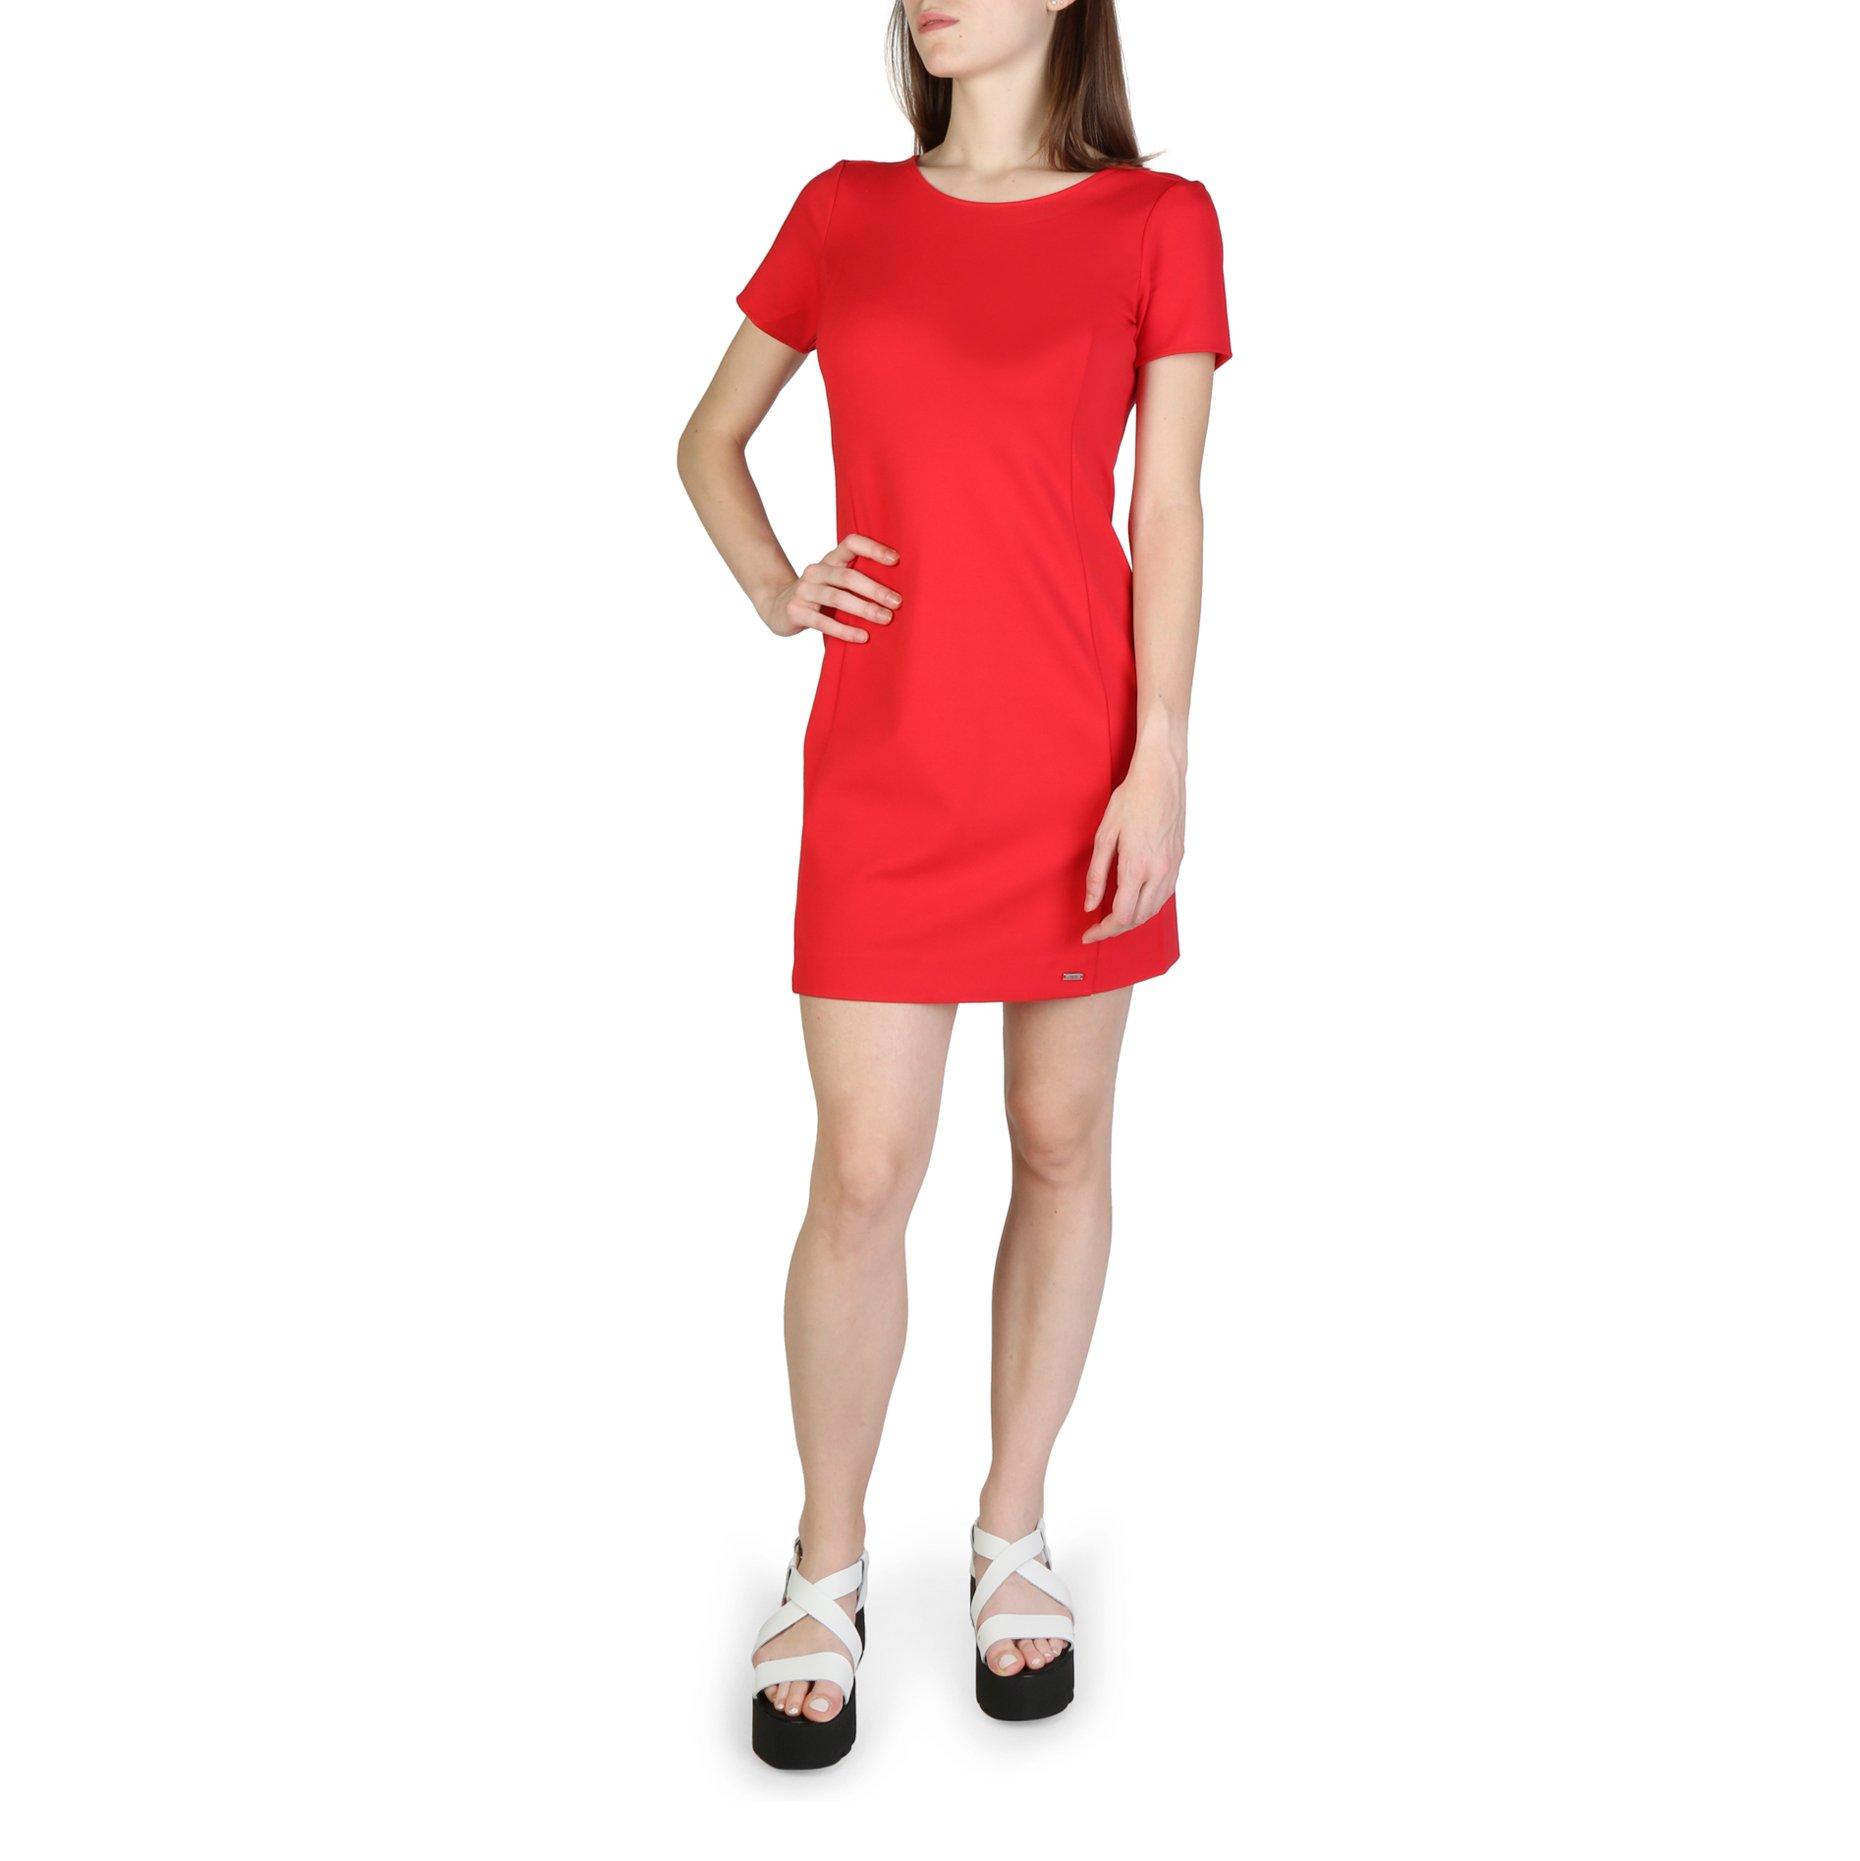 Armani Exchange Women's Dress Various Colours 3ZYA70YJK9Z1200 - red S